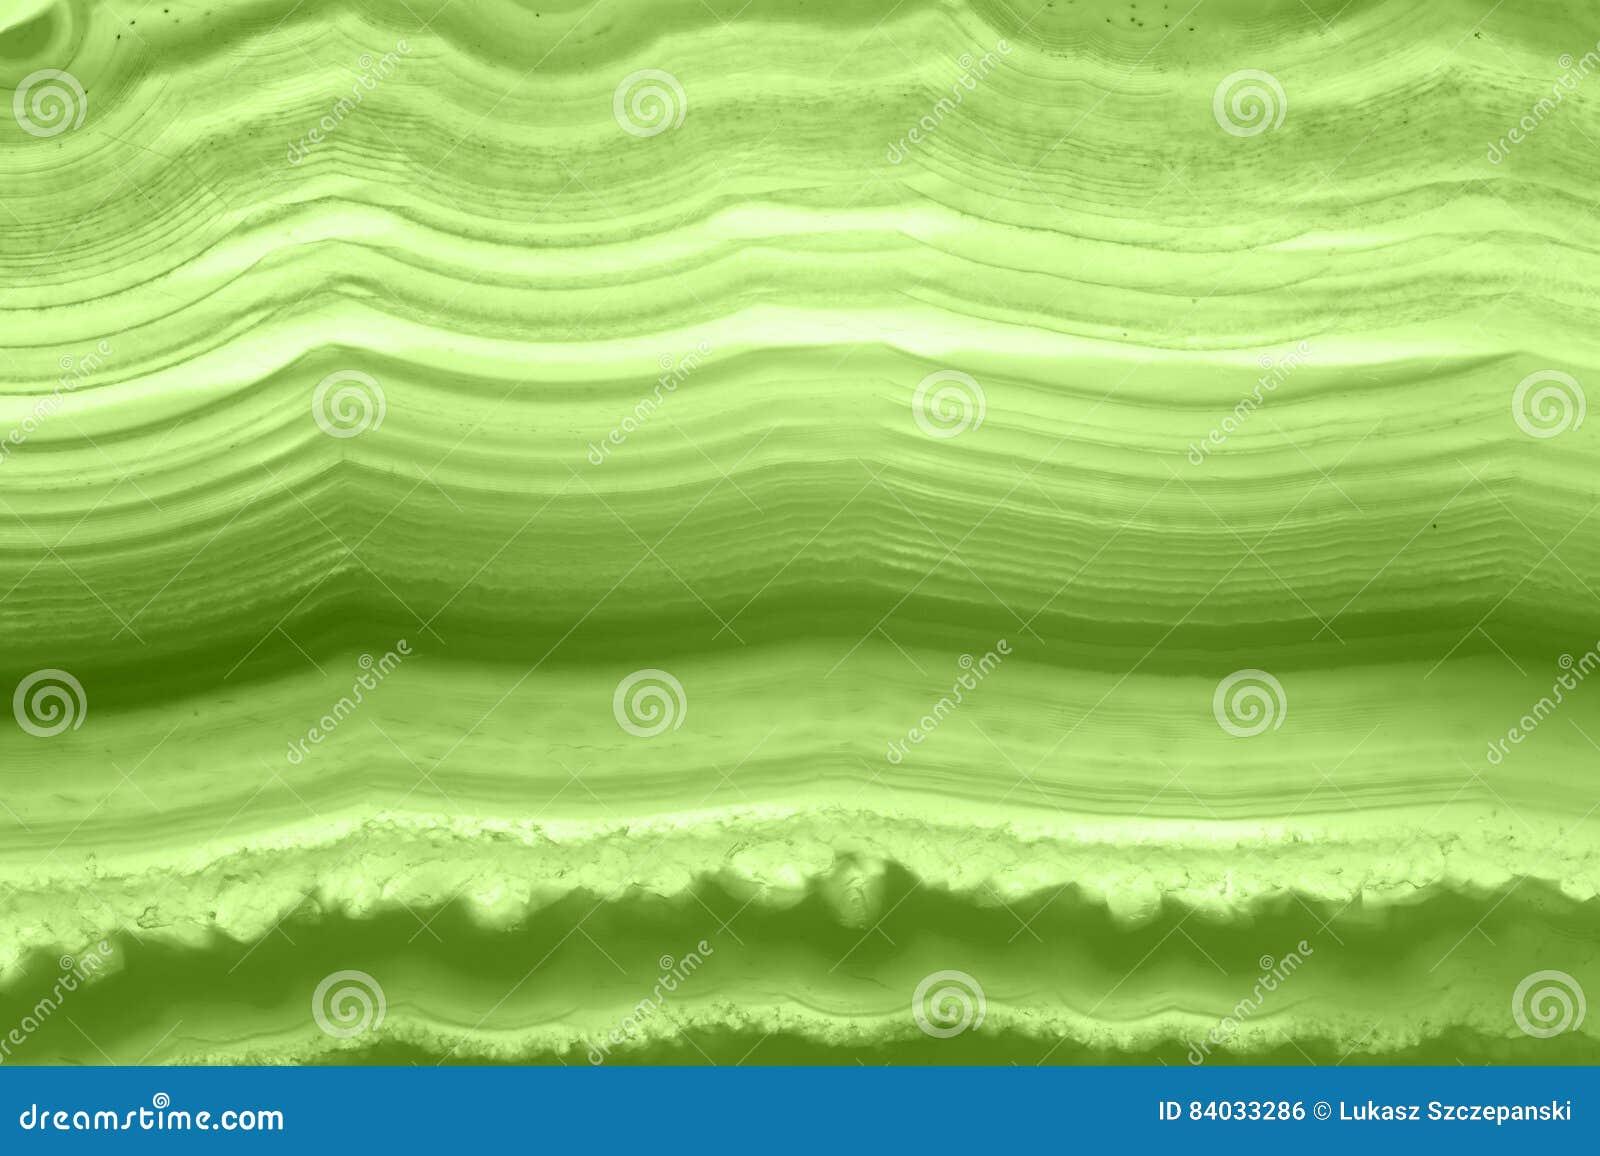 Abstrakt bakgrund - grönska för makro PANTONE för grön agatskiva mineralisk